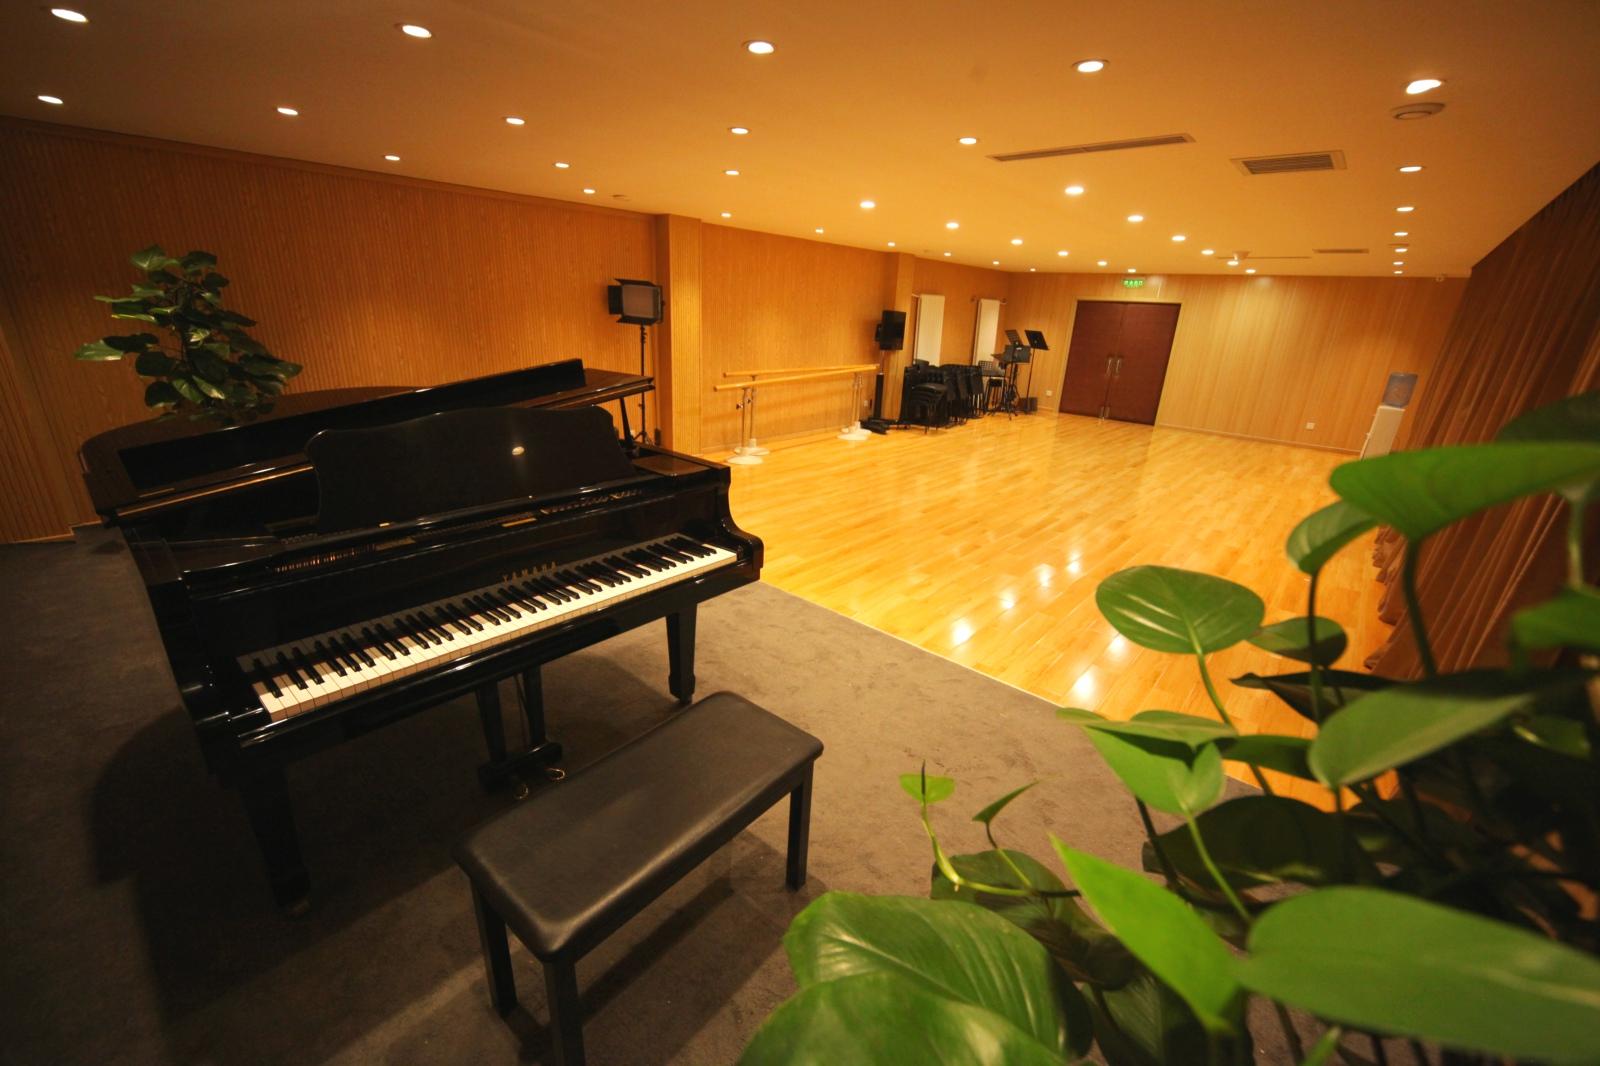 選擇對的北京吉他培訓班才是重點